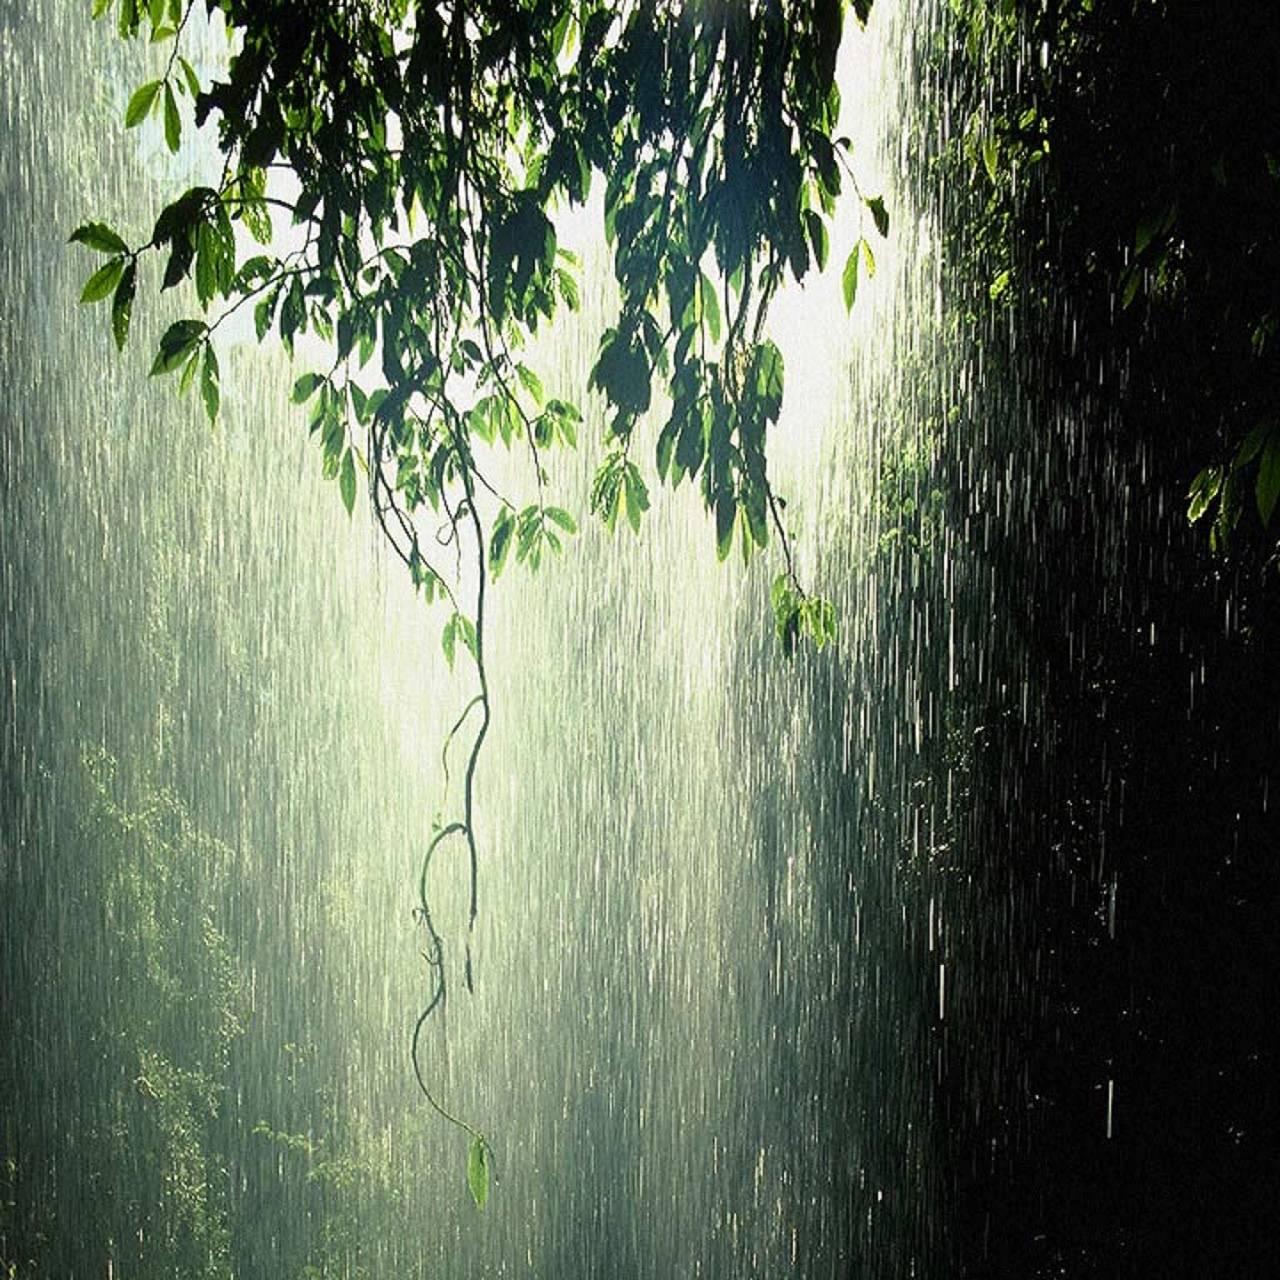 Rainy Greens